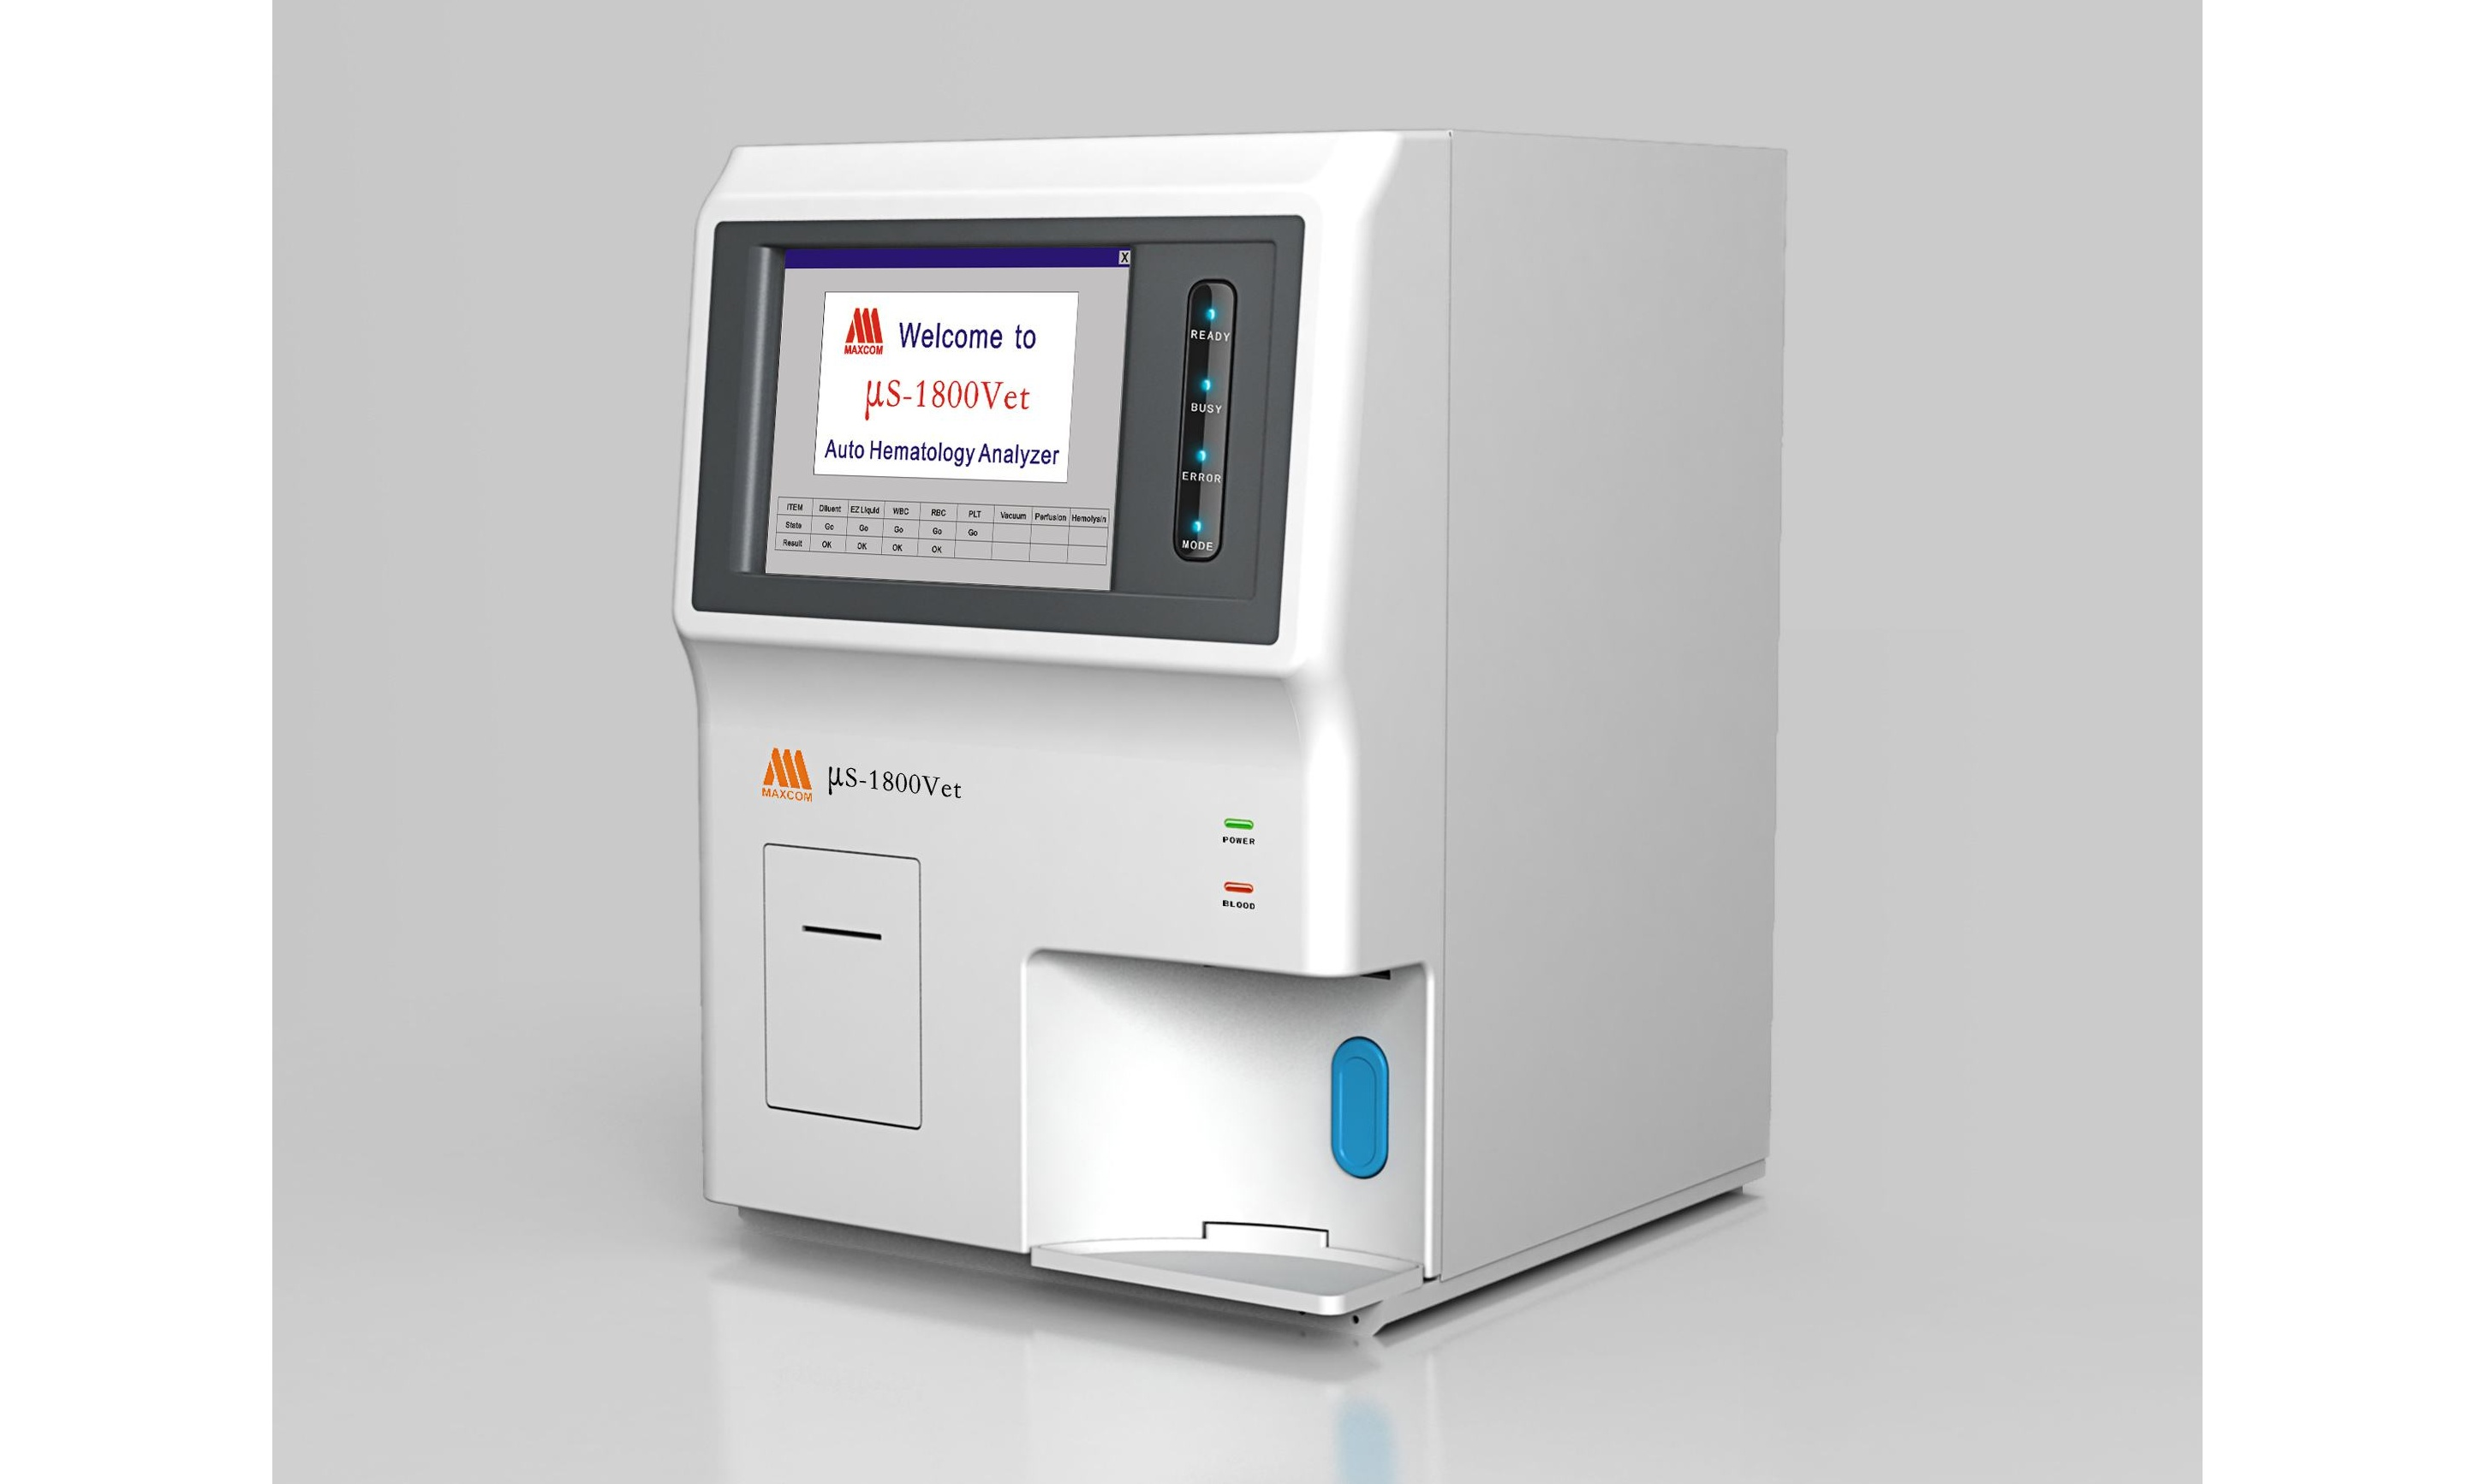 普宁市妇幼保健计划生育服务中心血液体液分析仪等仪器设备采购招标